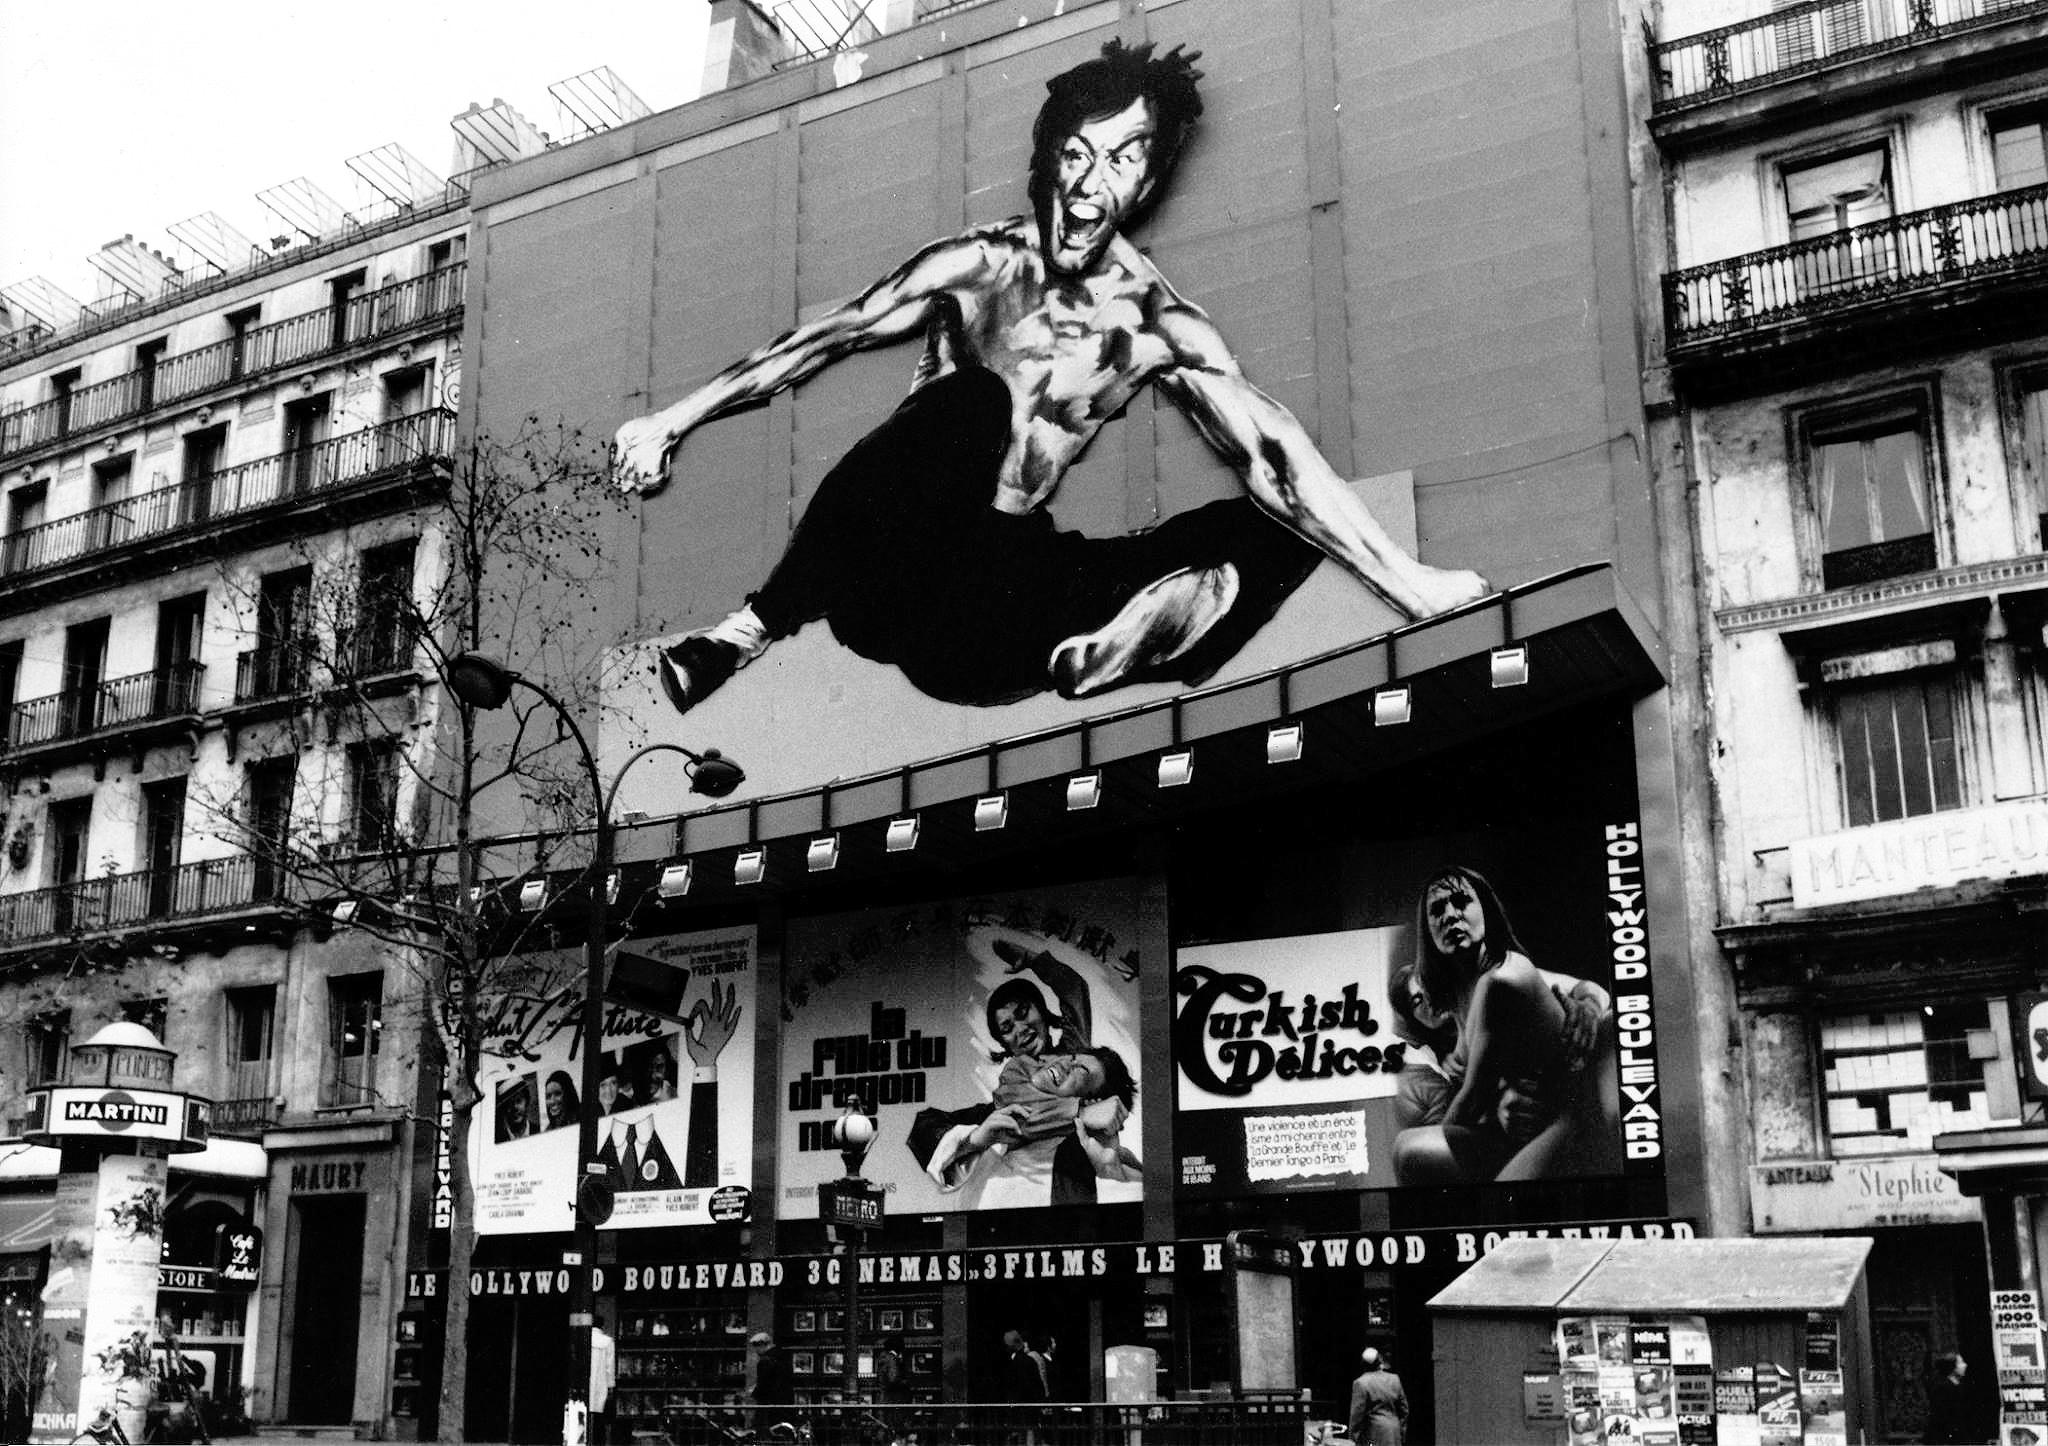 cinéma le hollywood boulevard paris cinéma x fermé disparu